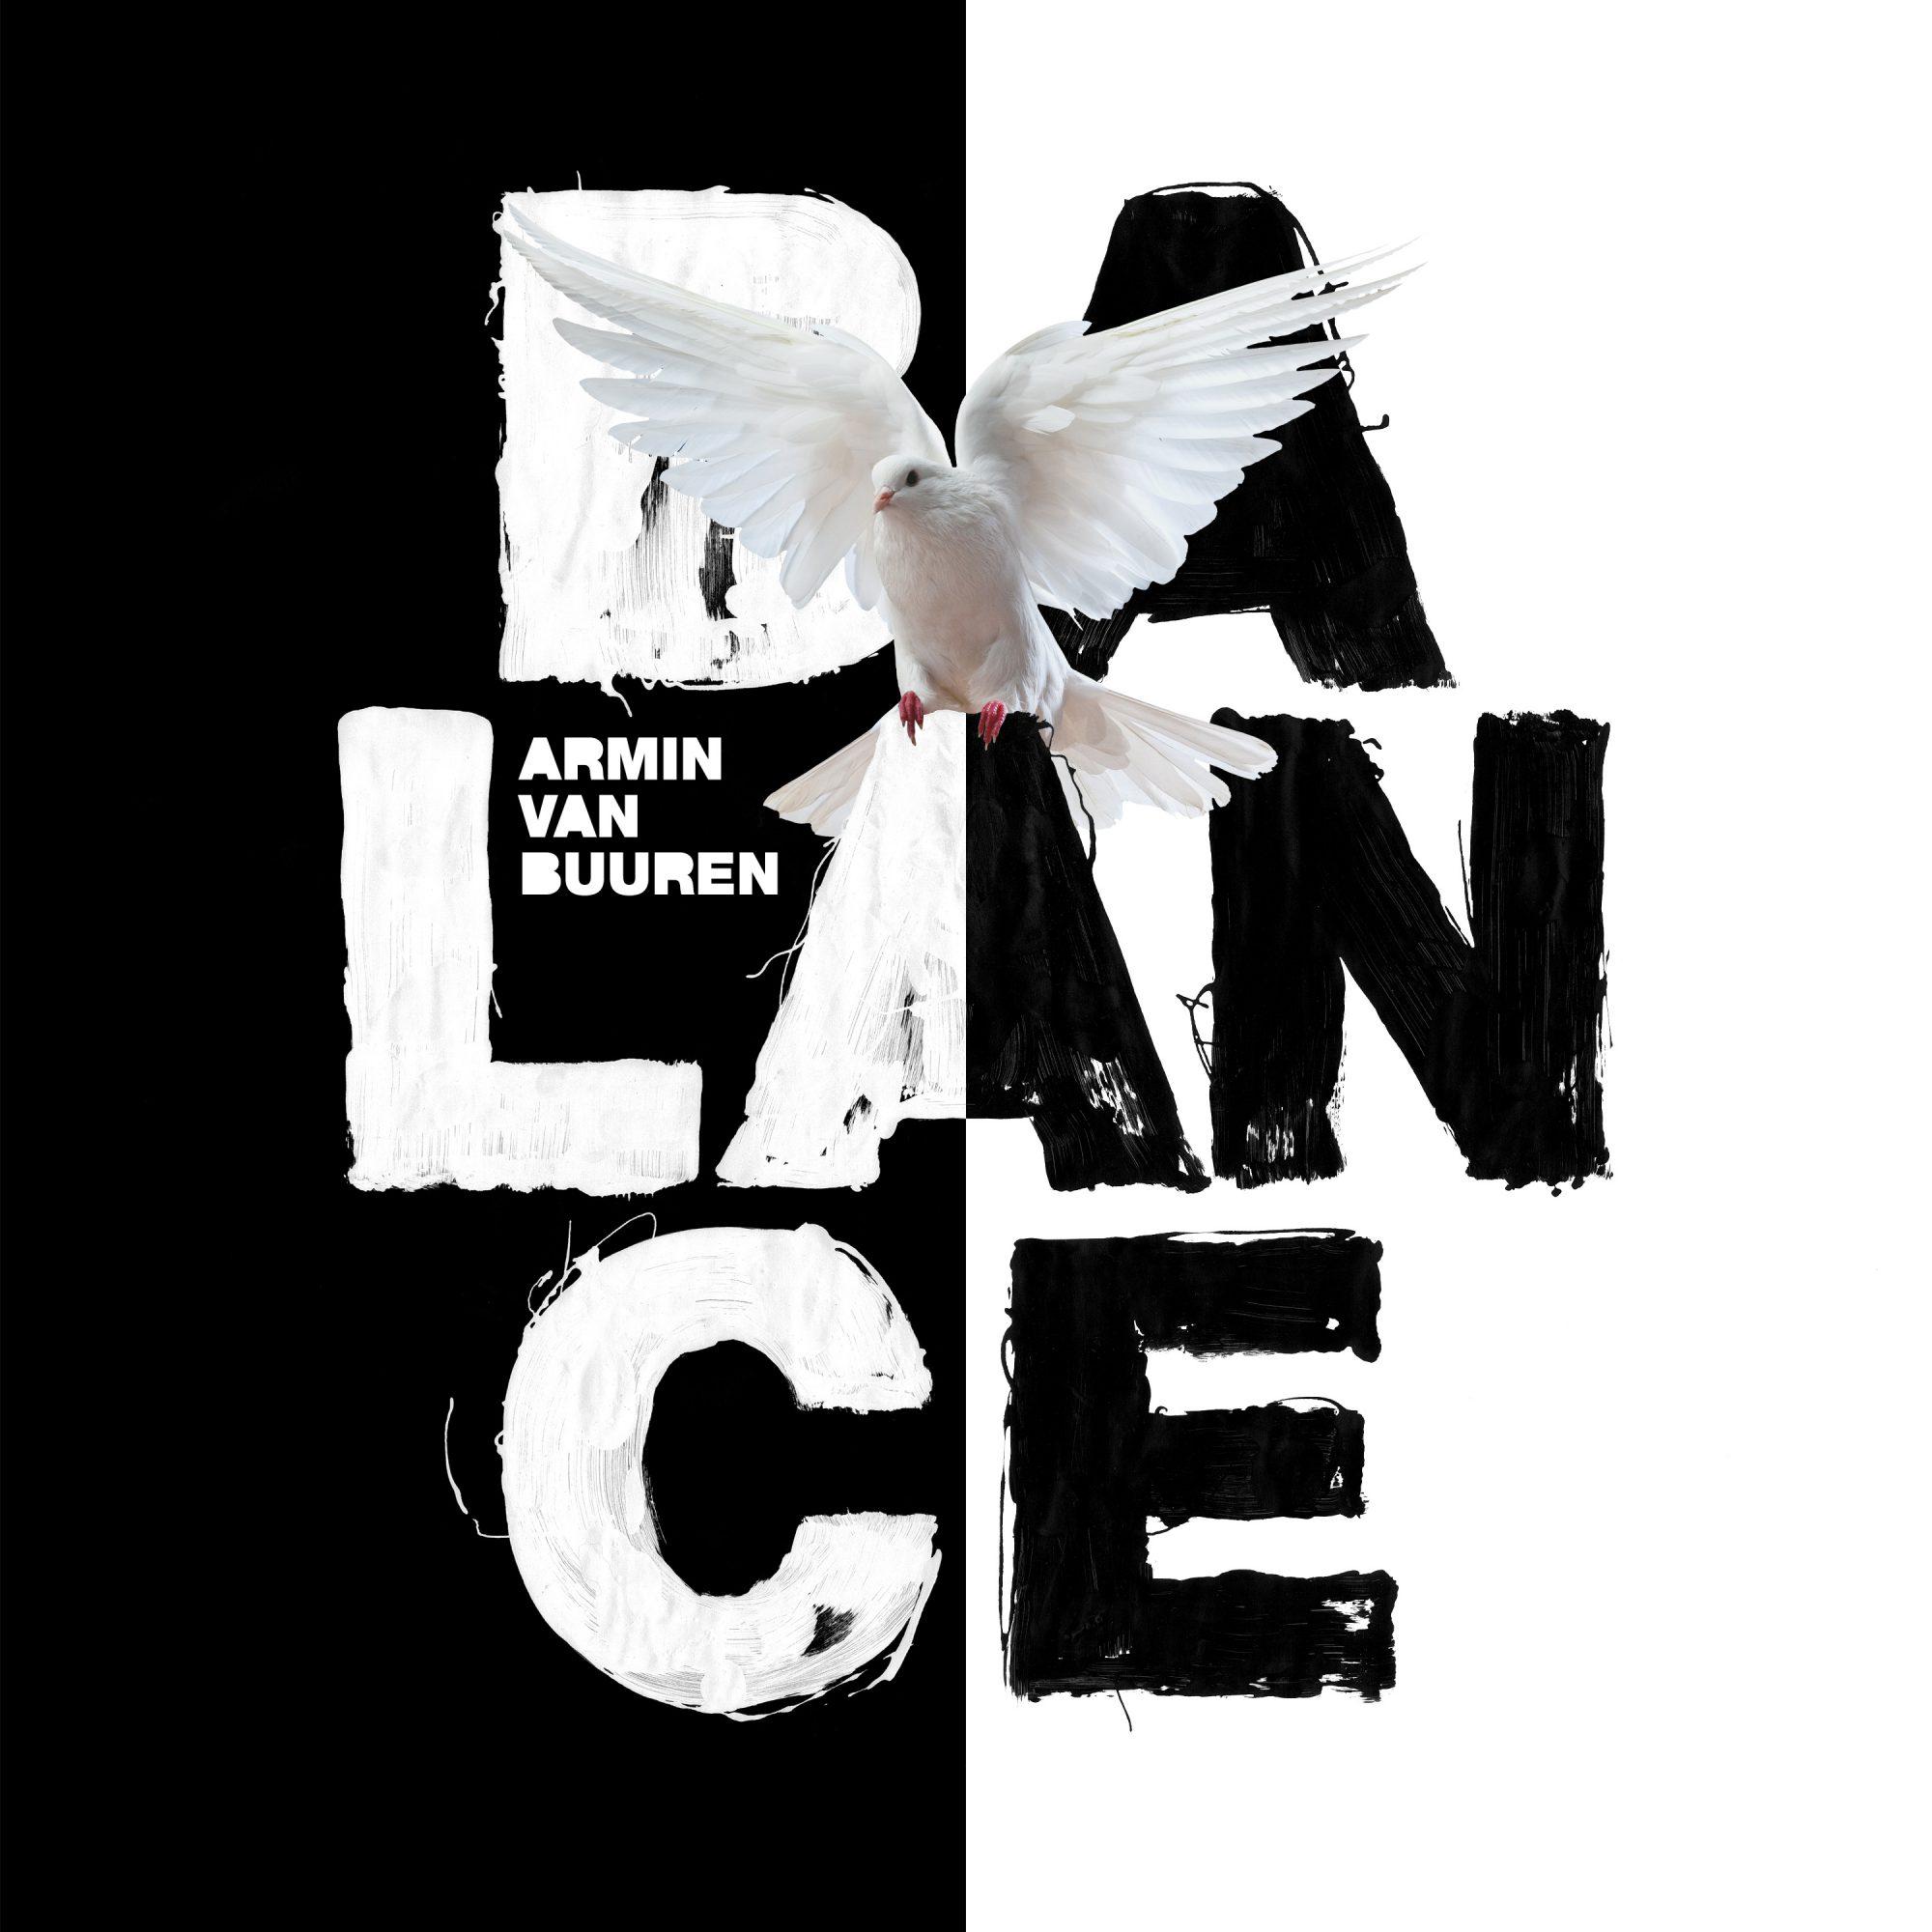 Armin van Buuren - 'Balance'